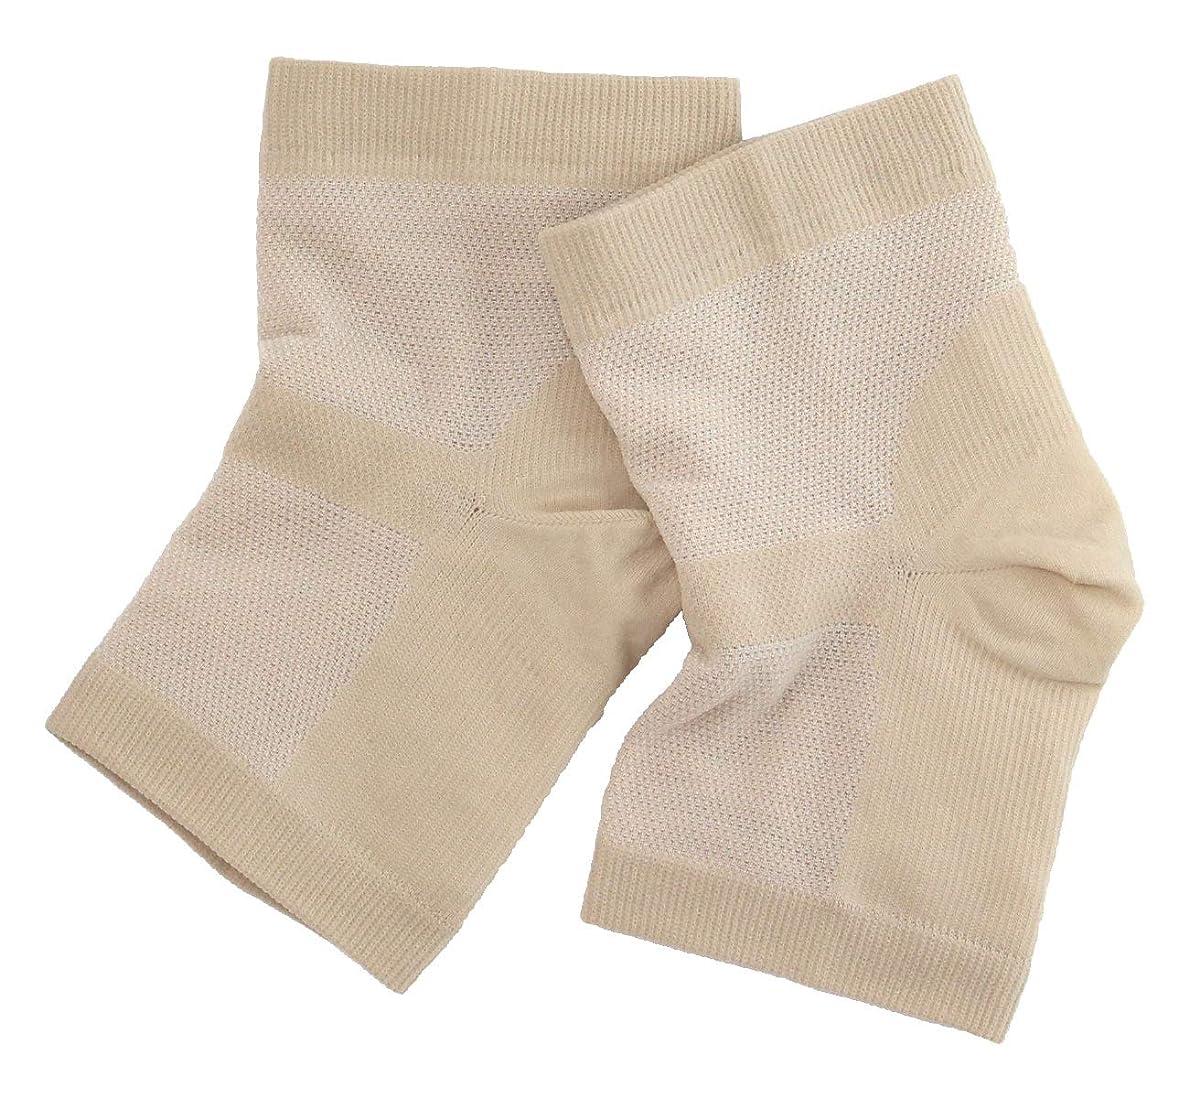 干渉筋肉の窒素温むすび かかとケア靴下 【足うら美人潤いサポーター フリー(男女兼用) ベージュ】 ひび割れ ケア